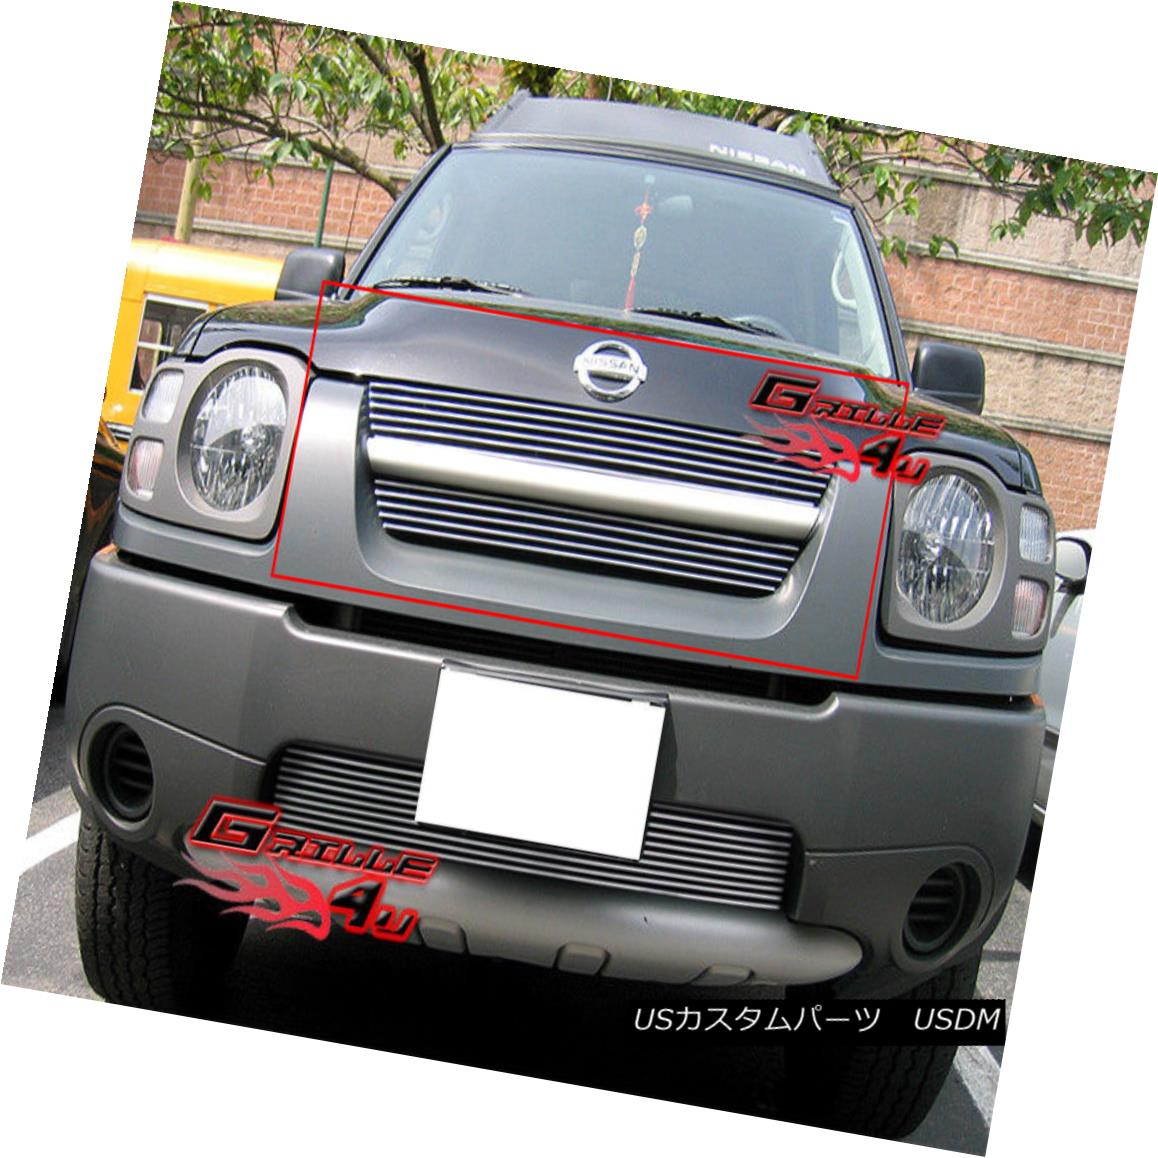 グリル Fits 2002-2004 Nissan Xterra Main Upper Billet Grille Insert フィット2002-2004日産Xterraメインアッパービレットグリルインサート